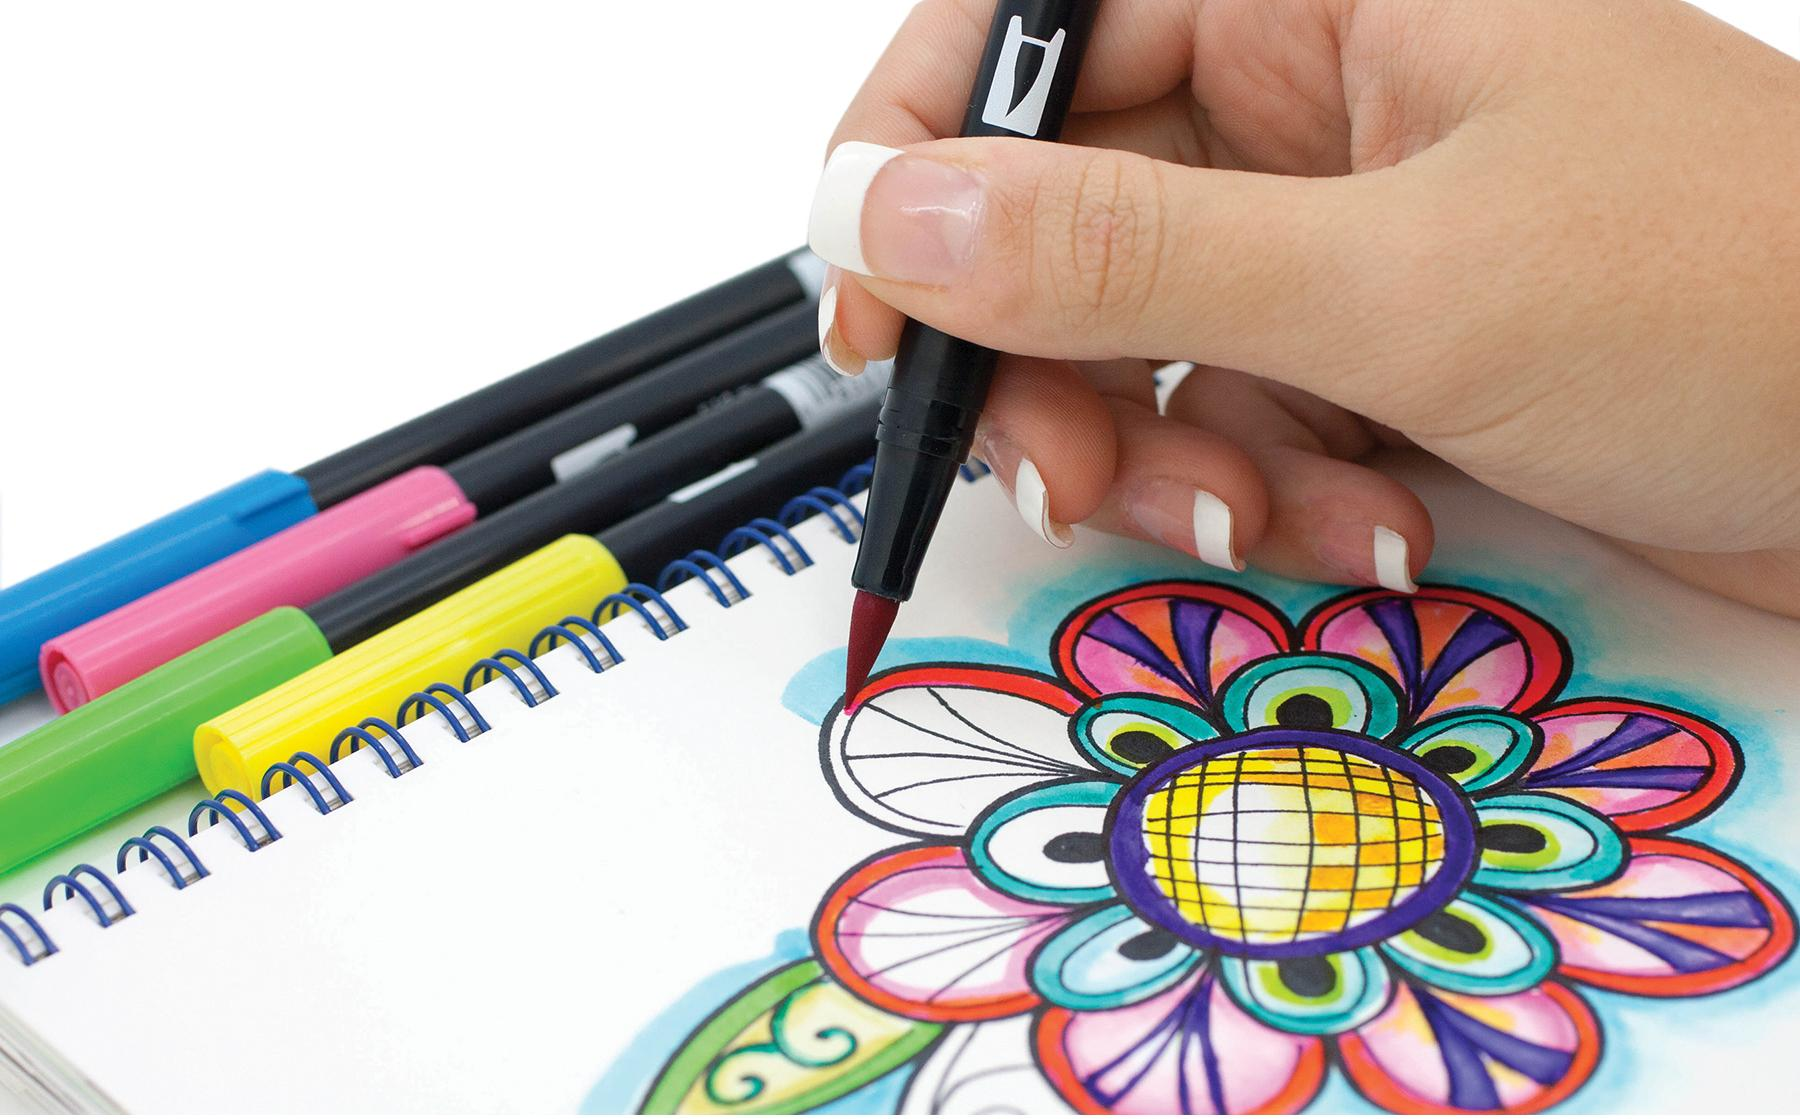 Amazon.com: Tombow Dual Brush Pen Art Markers, Manga Shojo ...  Amazon.com: Tom...